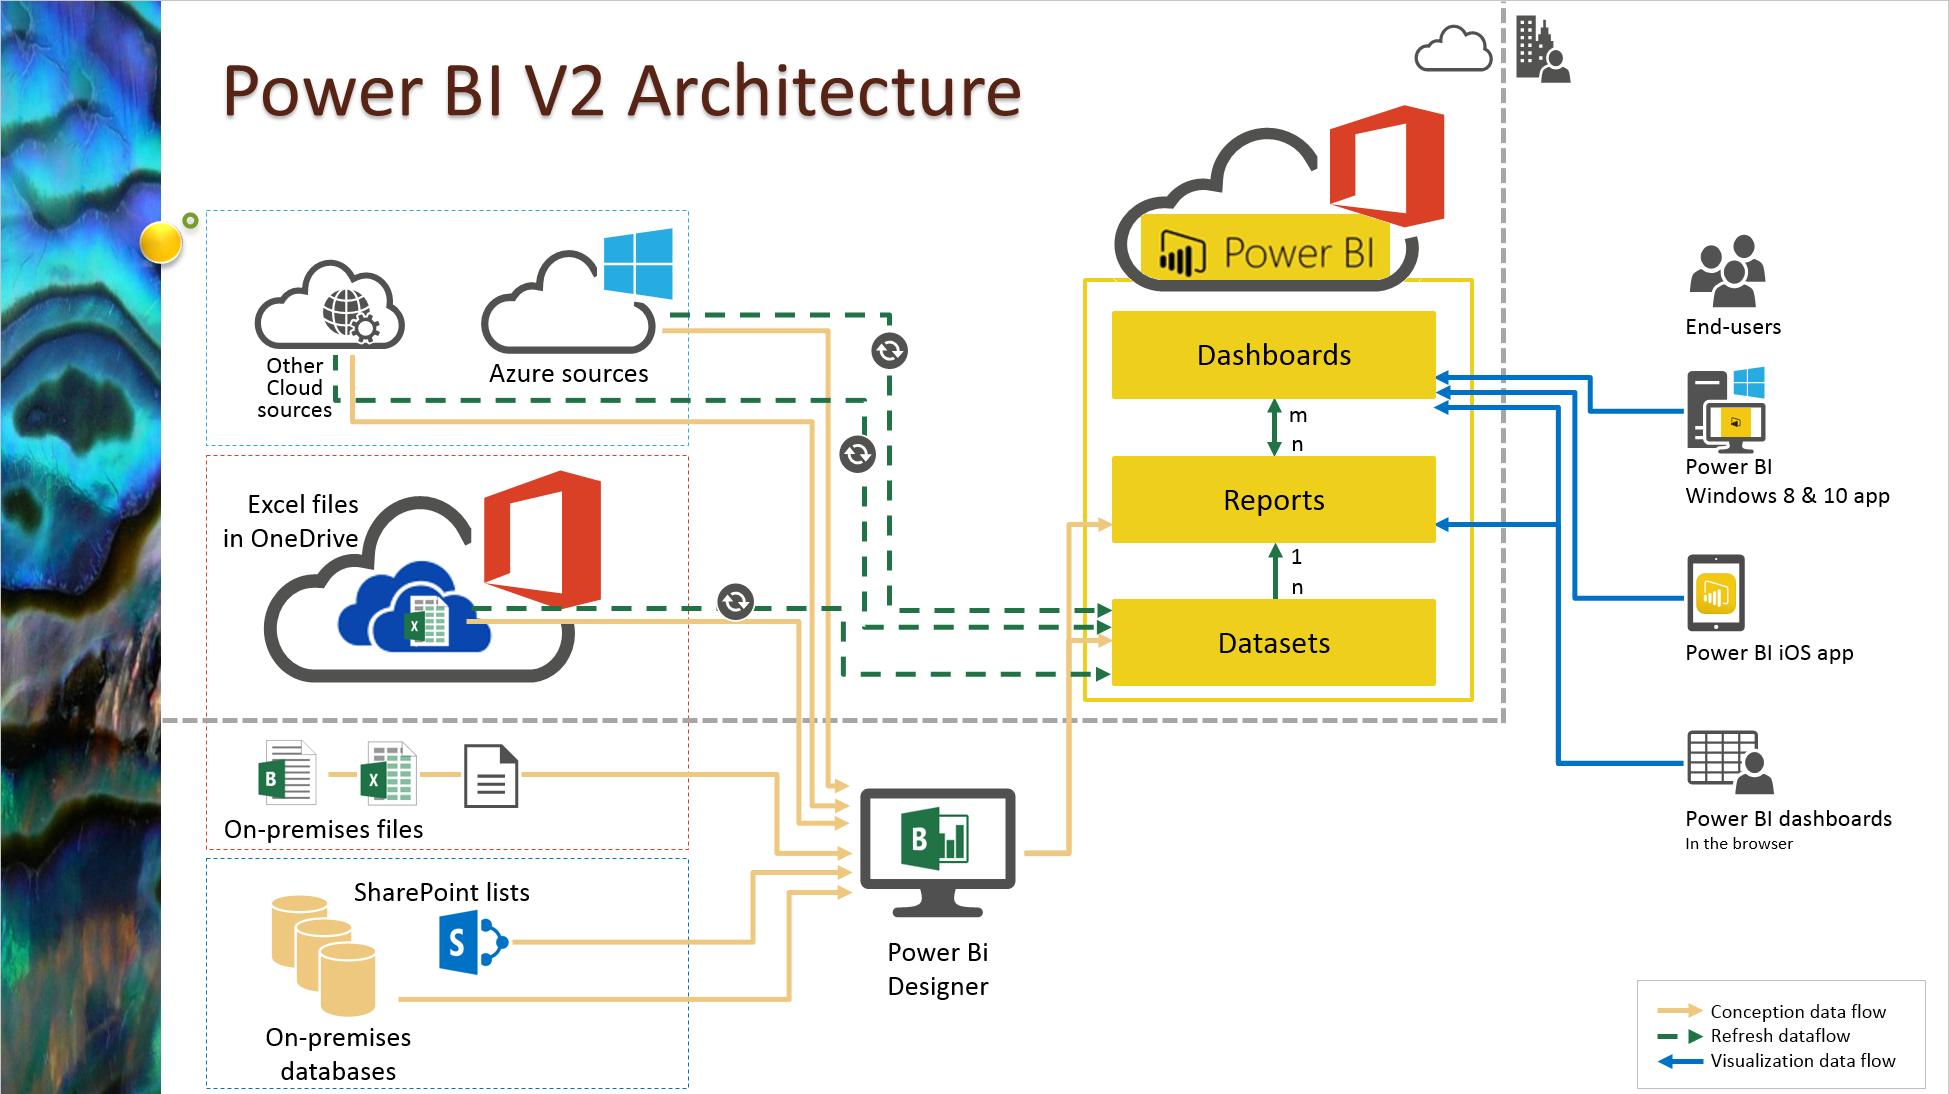 Architecture Power Bi V2